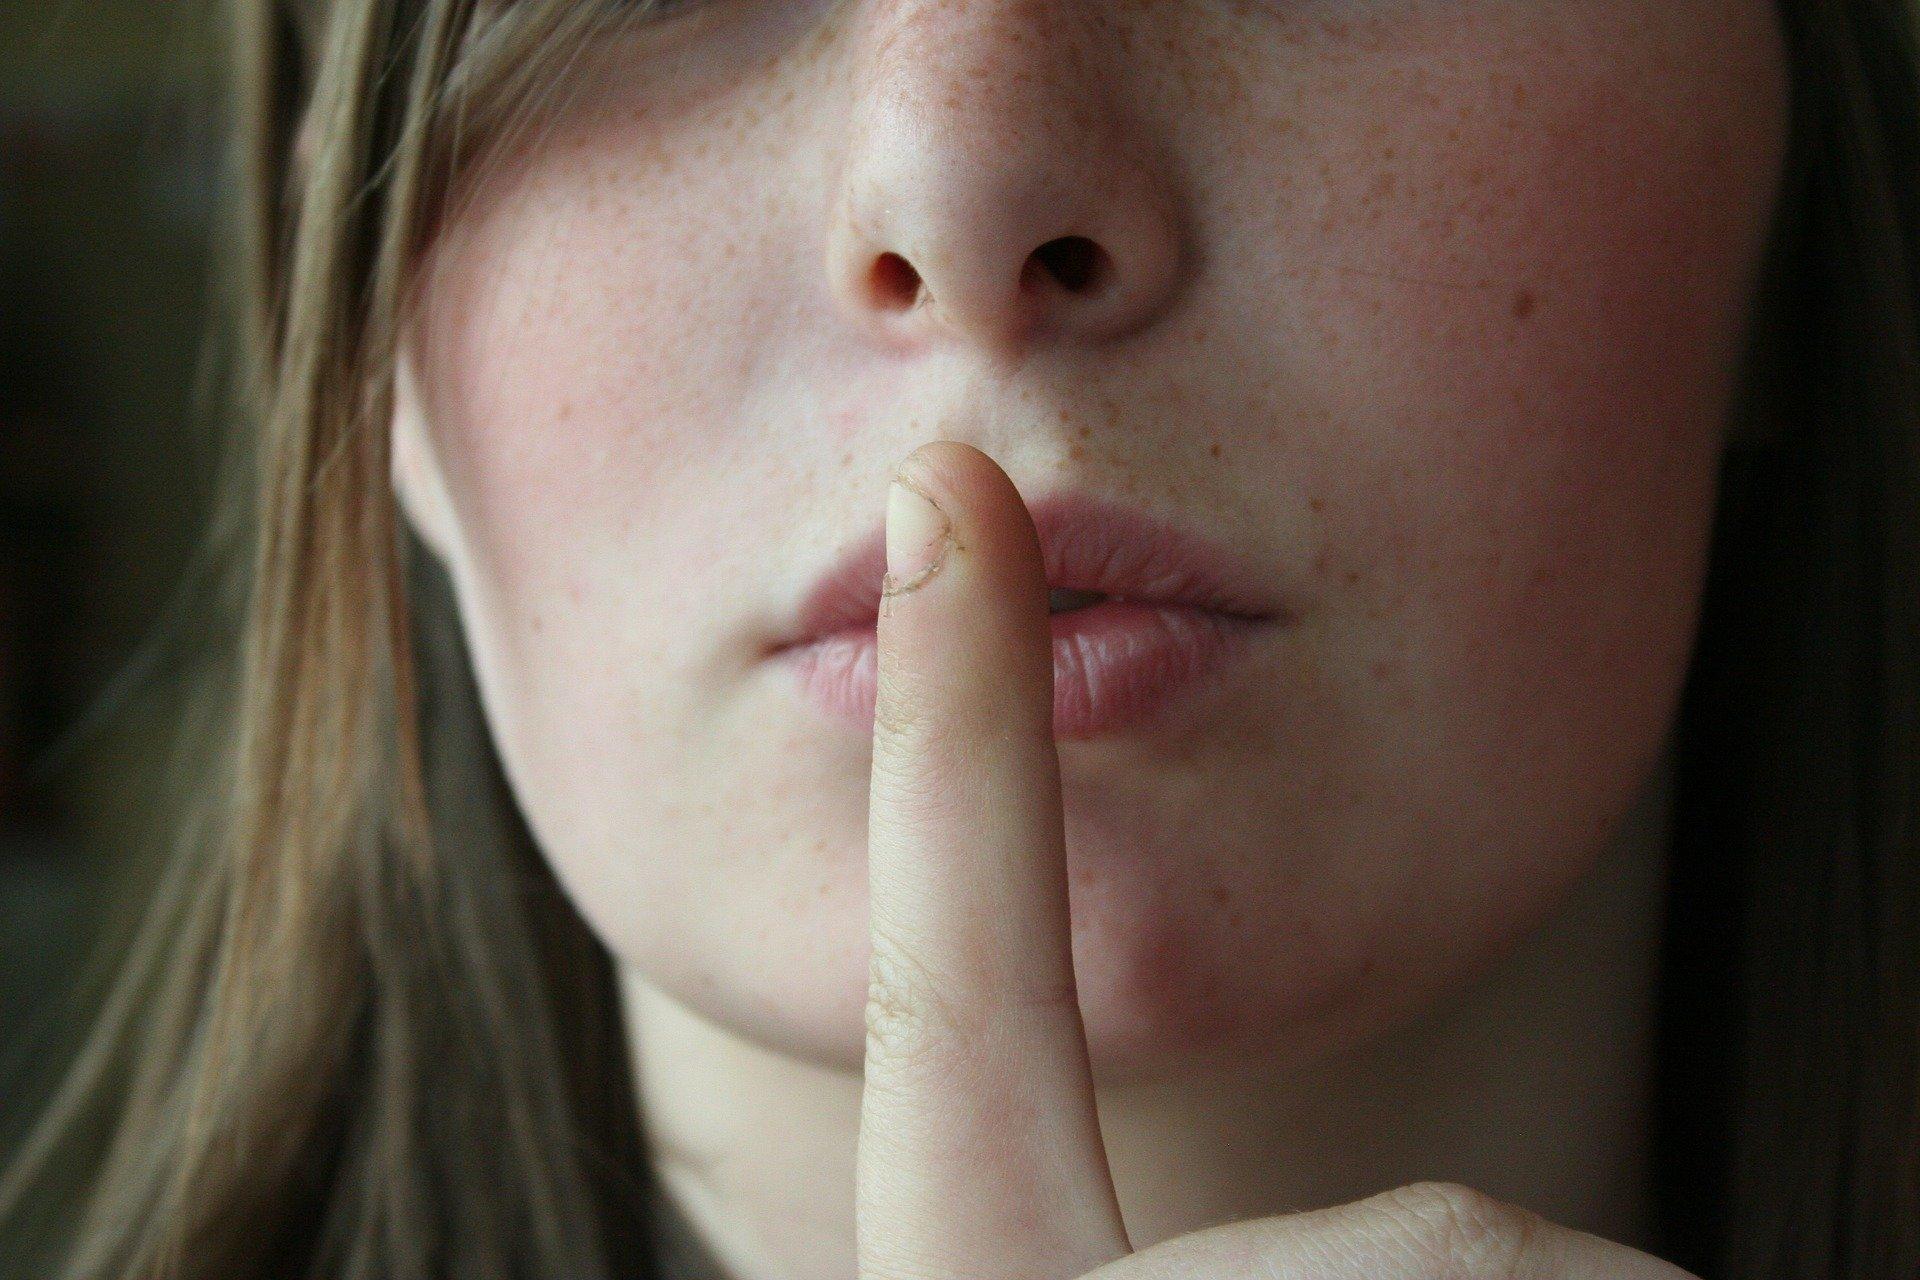 Rhenen haalt Second Love advertenties weg na klachten